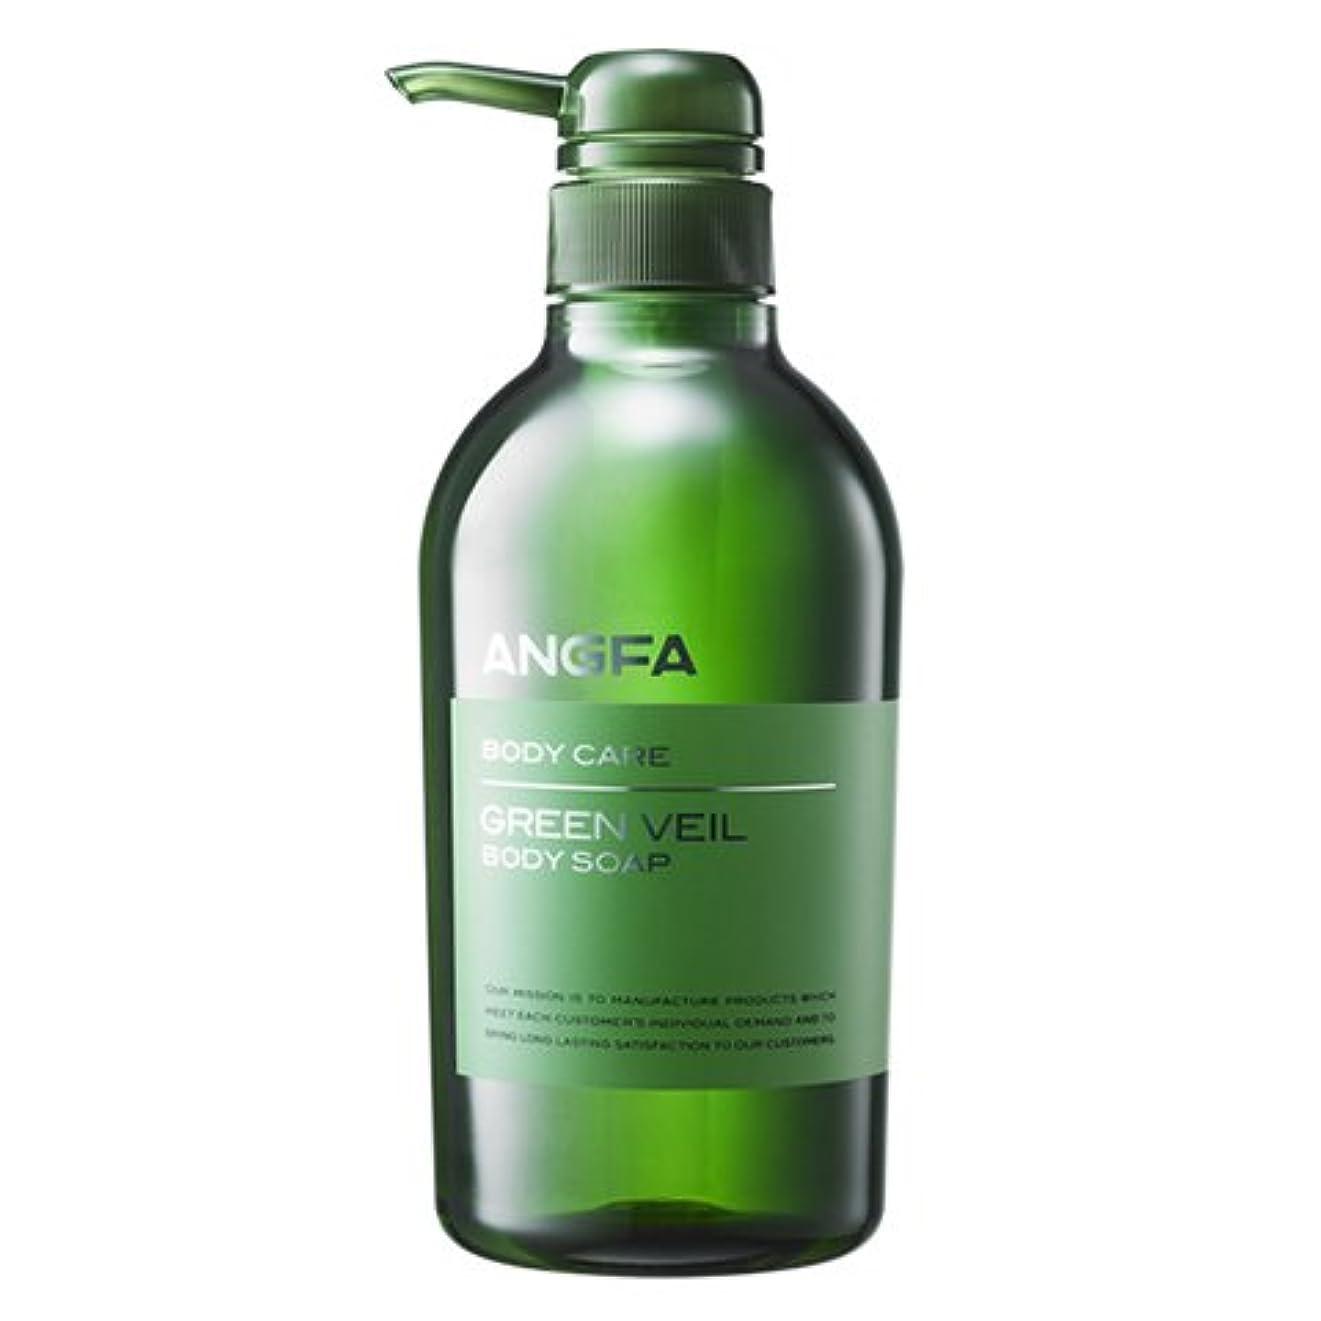 パートナー日曜日感動するアンファー (ANGFA) グリーンベール 薬用ボディソープ 500ml グリーンフローラル [乾燥?保湿] かゆみ肌